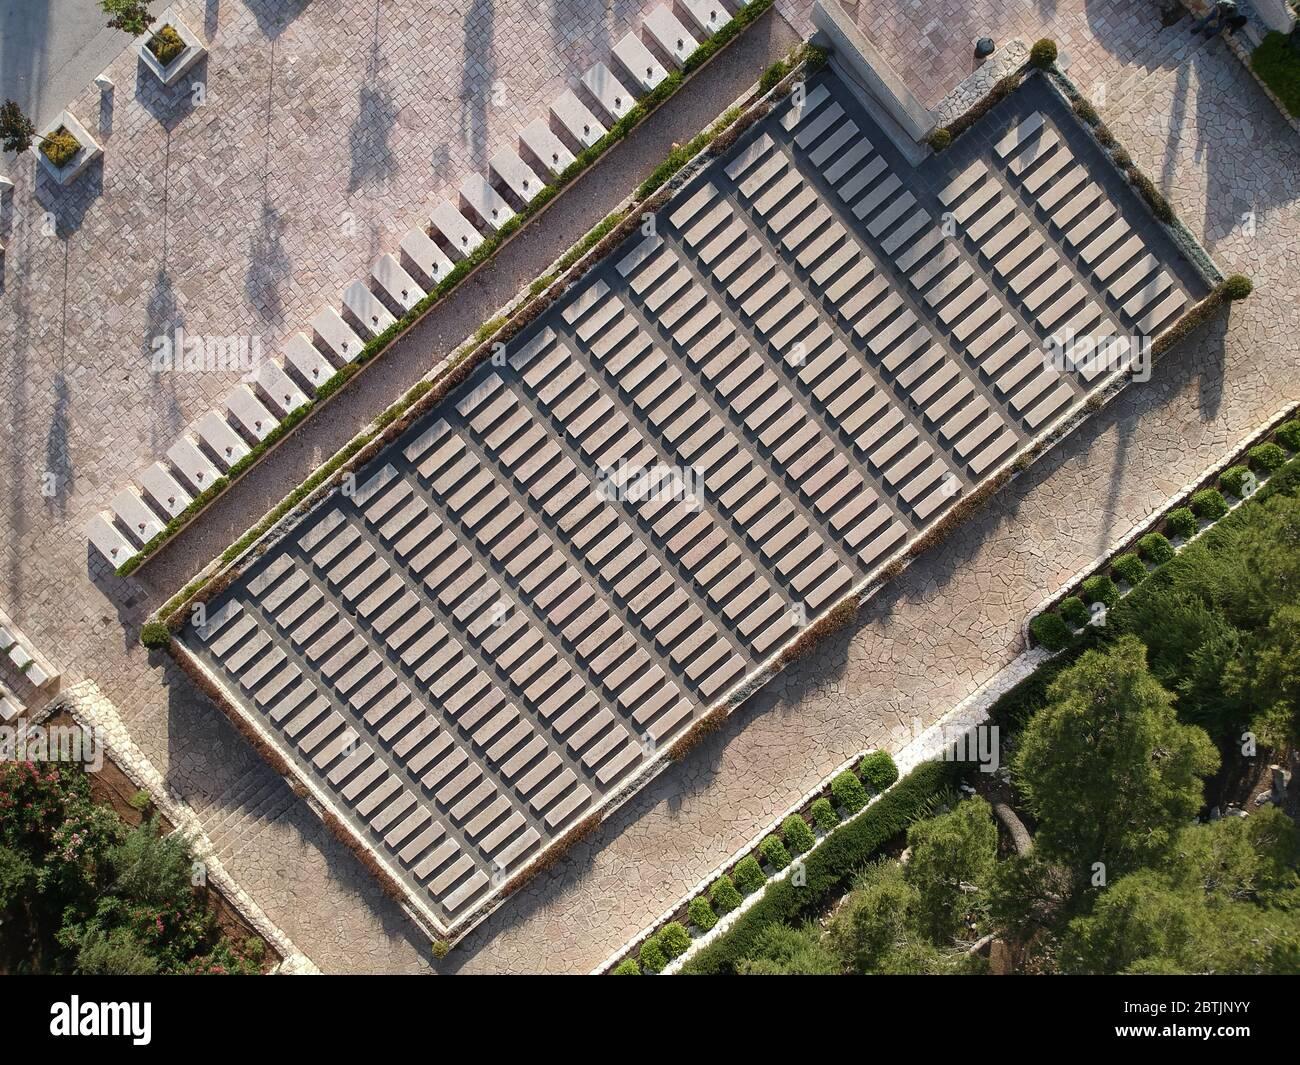 Vue aérienne du mémorial de la goélette Salvador qui a quitté la Bulgarie avec des réfugiés juifs pour la Palestine et a été détruit dans une violente tempête dans la mer de Marmara le 12 décembre 1940 au cimetière militaire national du Mont Herzl ouest de Jérusalem Israël. Banque D'Images